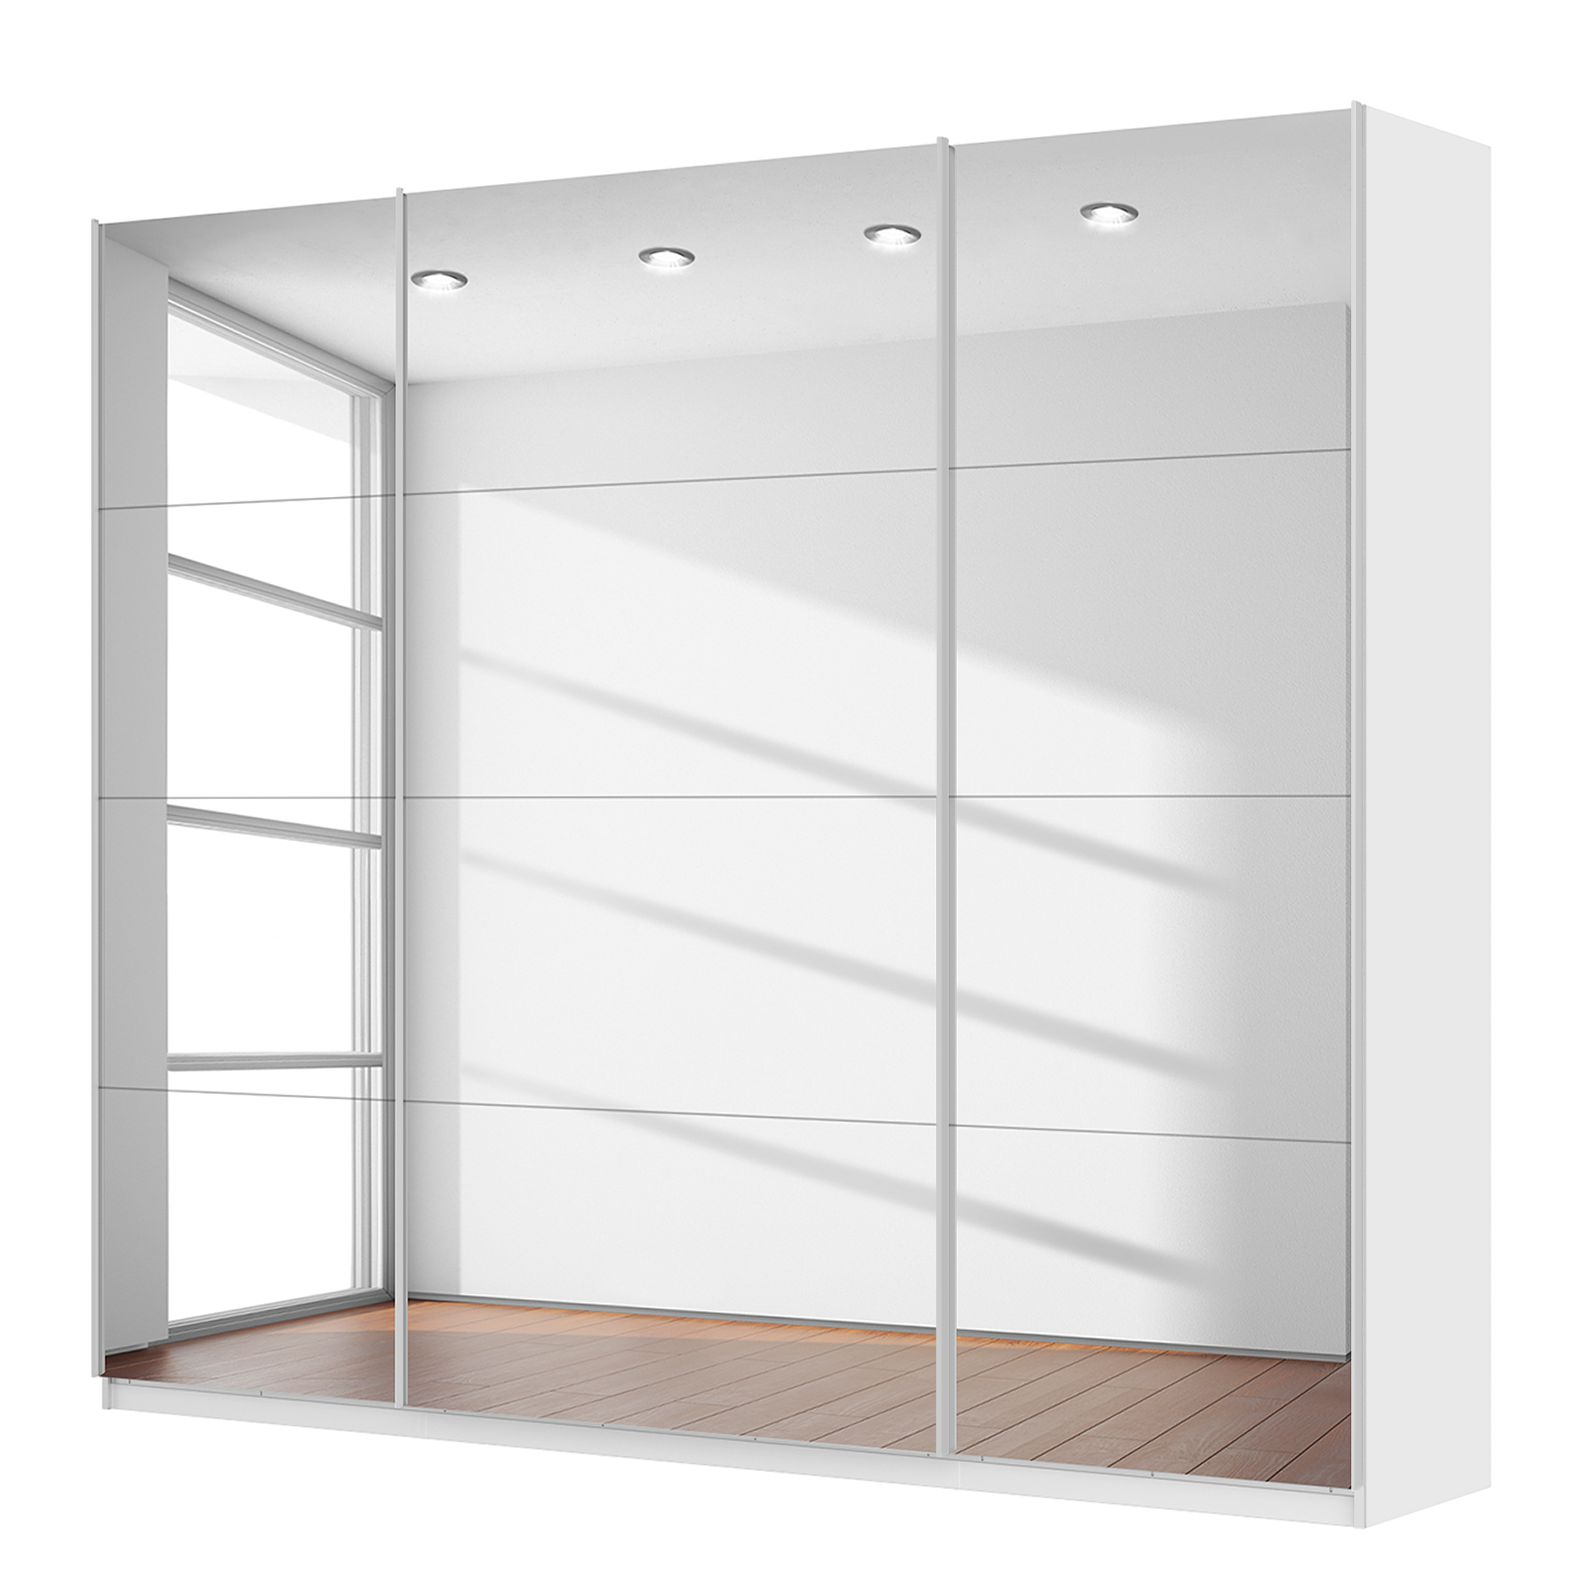 Home 24 - Armoire à portes coulissantes skØp - 270 cm (3 portes) - 236 cm - comfort, skØp